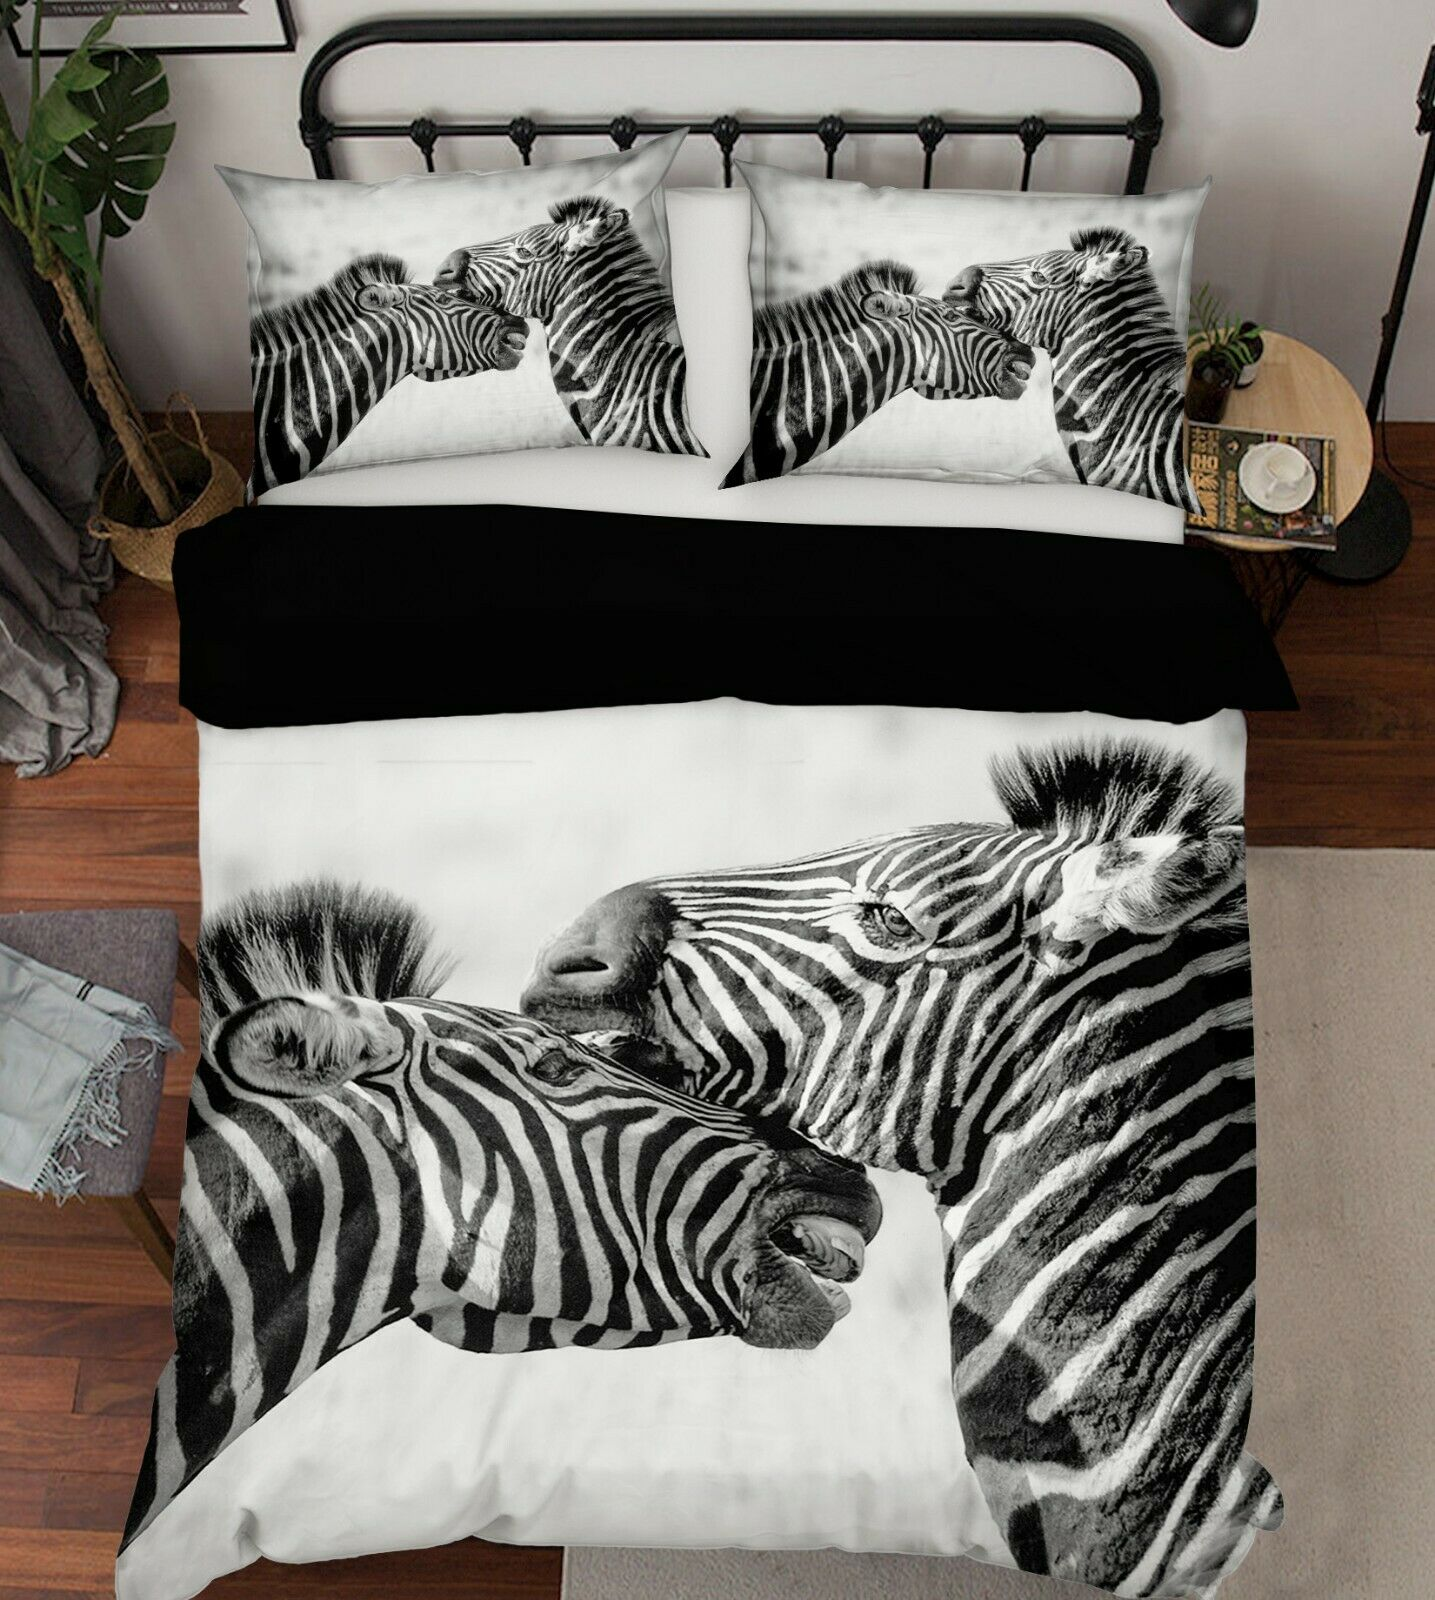 3D Zebra Grassland R85 animal lit taies d'oreiller couette housse de couette reine roi ZOE